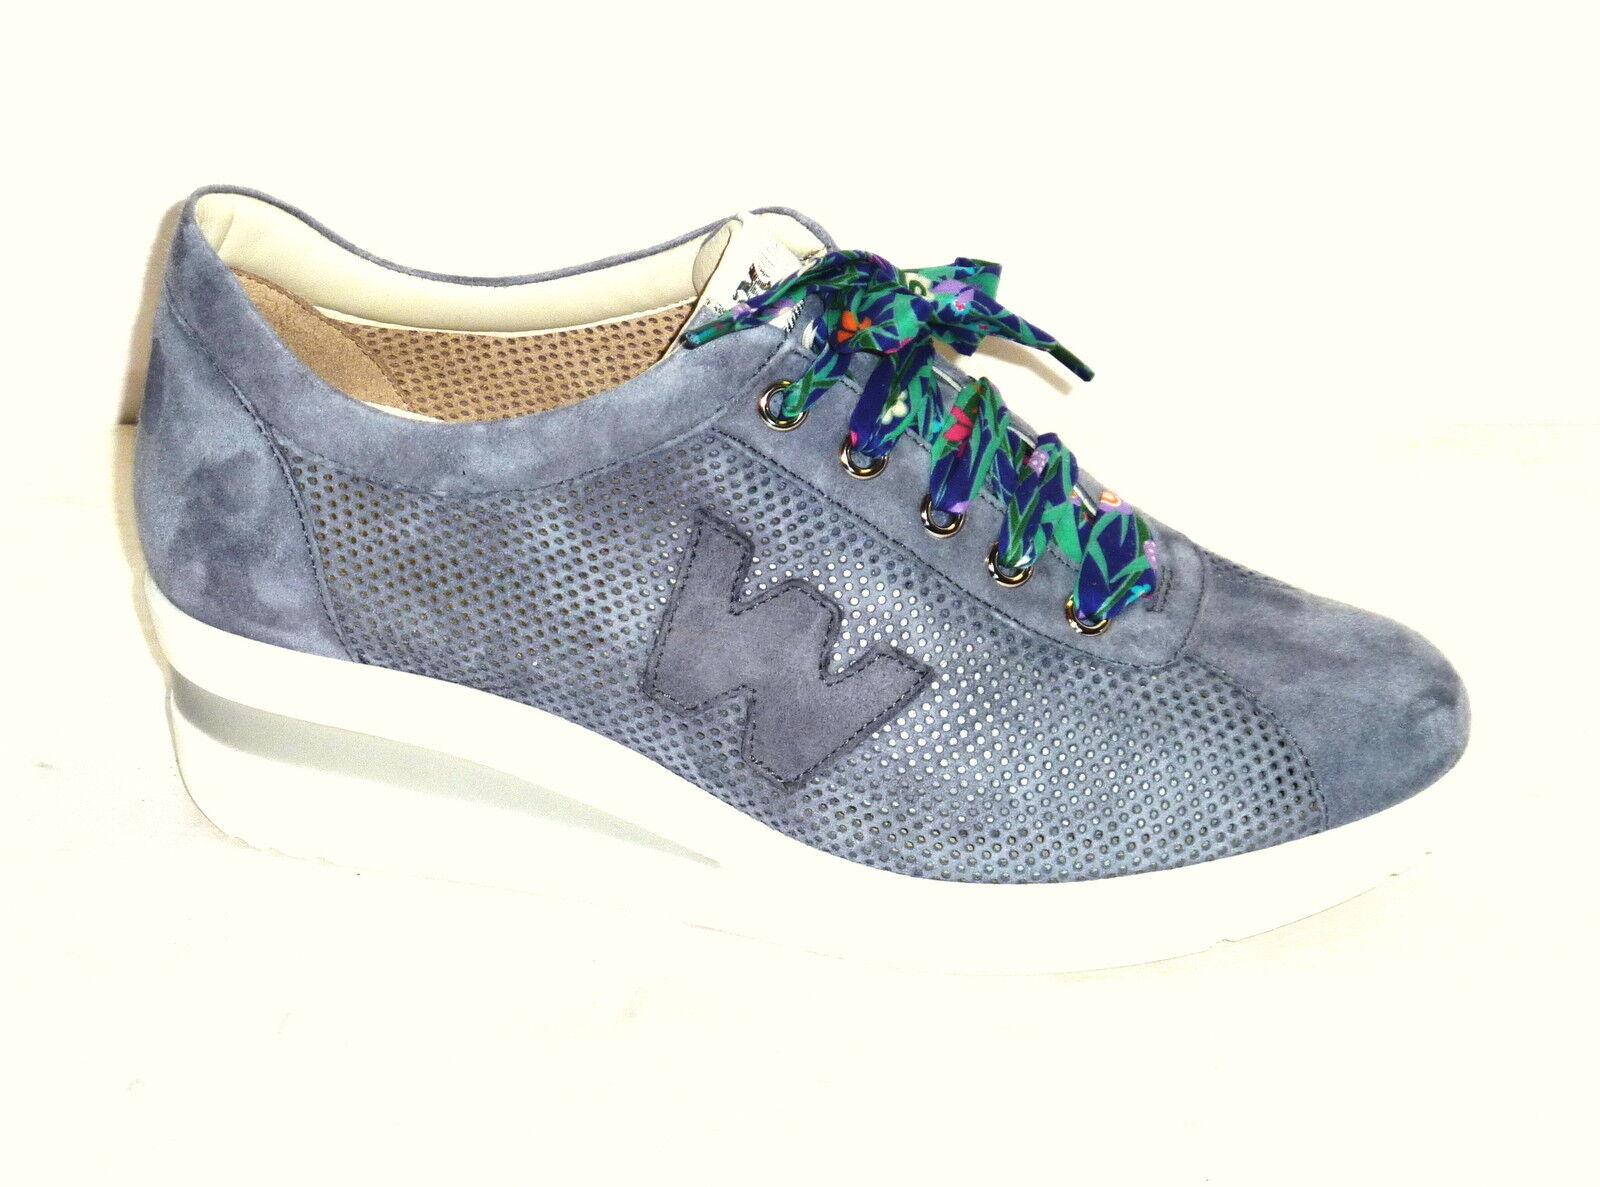 Los últimos zapatos de descuento para hombres y mujeres R20110 MELLUSO ZAPATILLAS PIEL NOBUCK VAQUEROS PERFORADO MODE CÓMODA n. 39